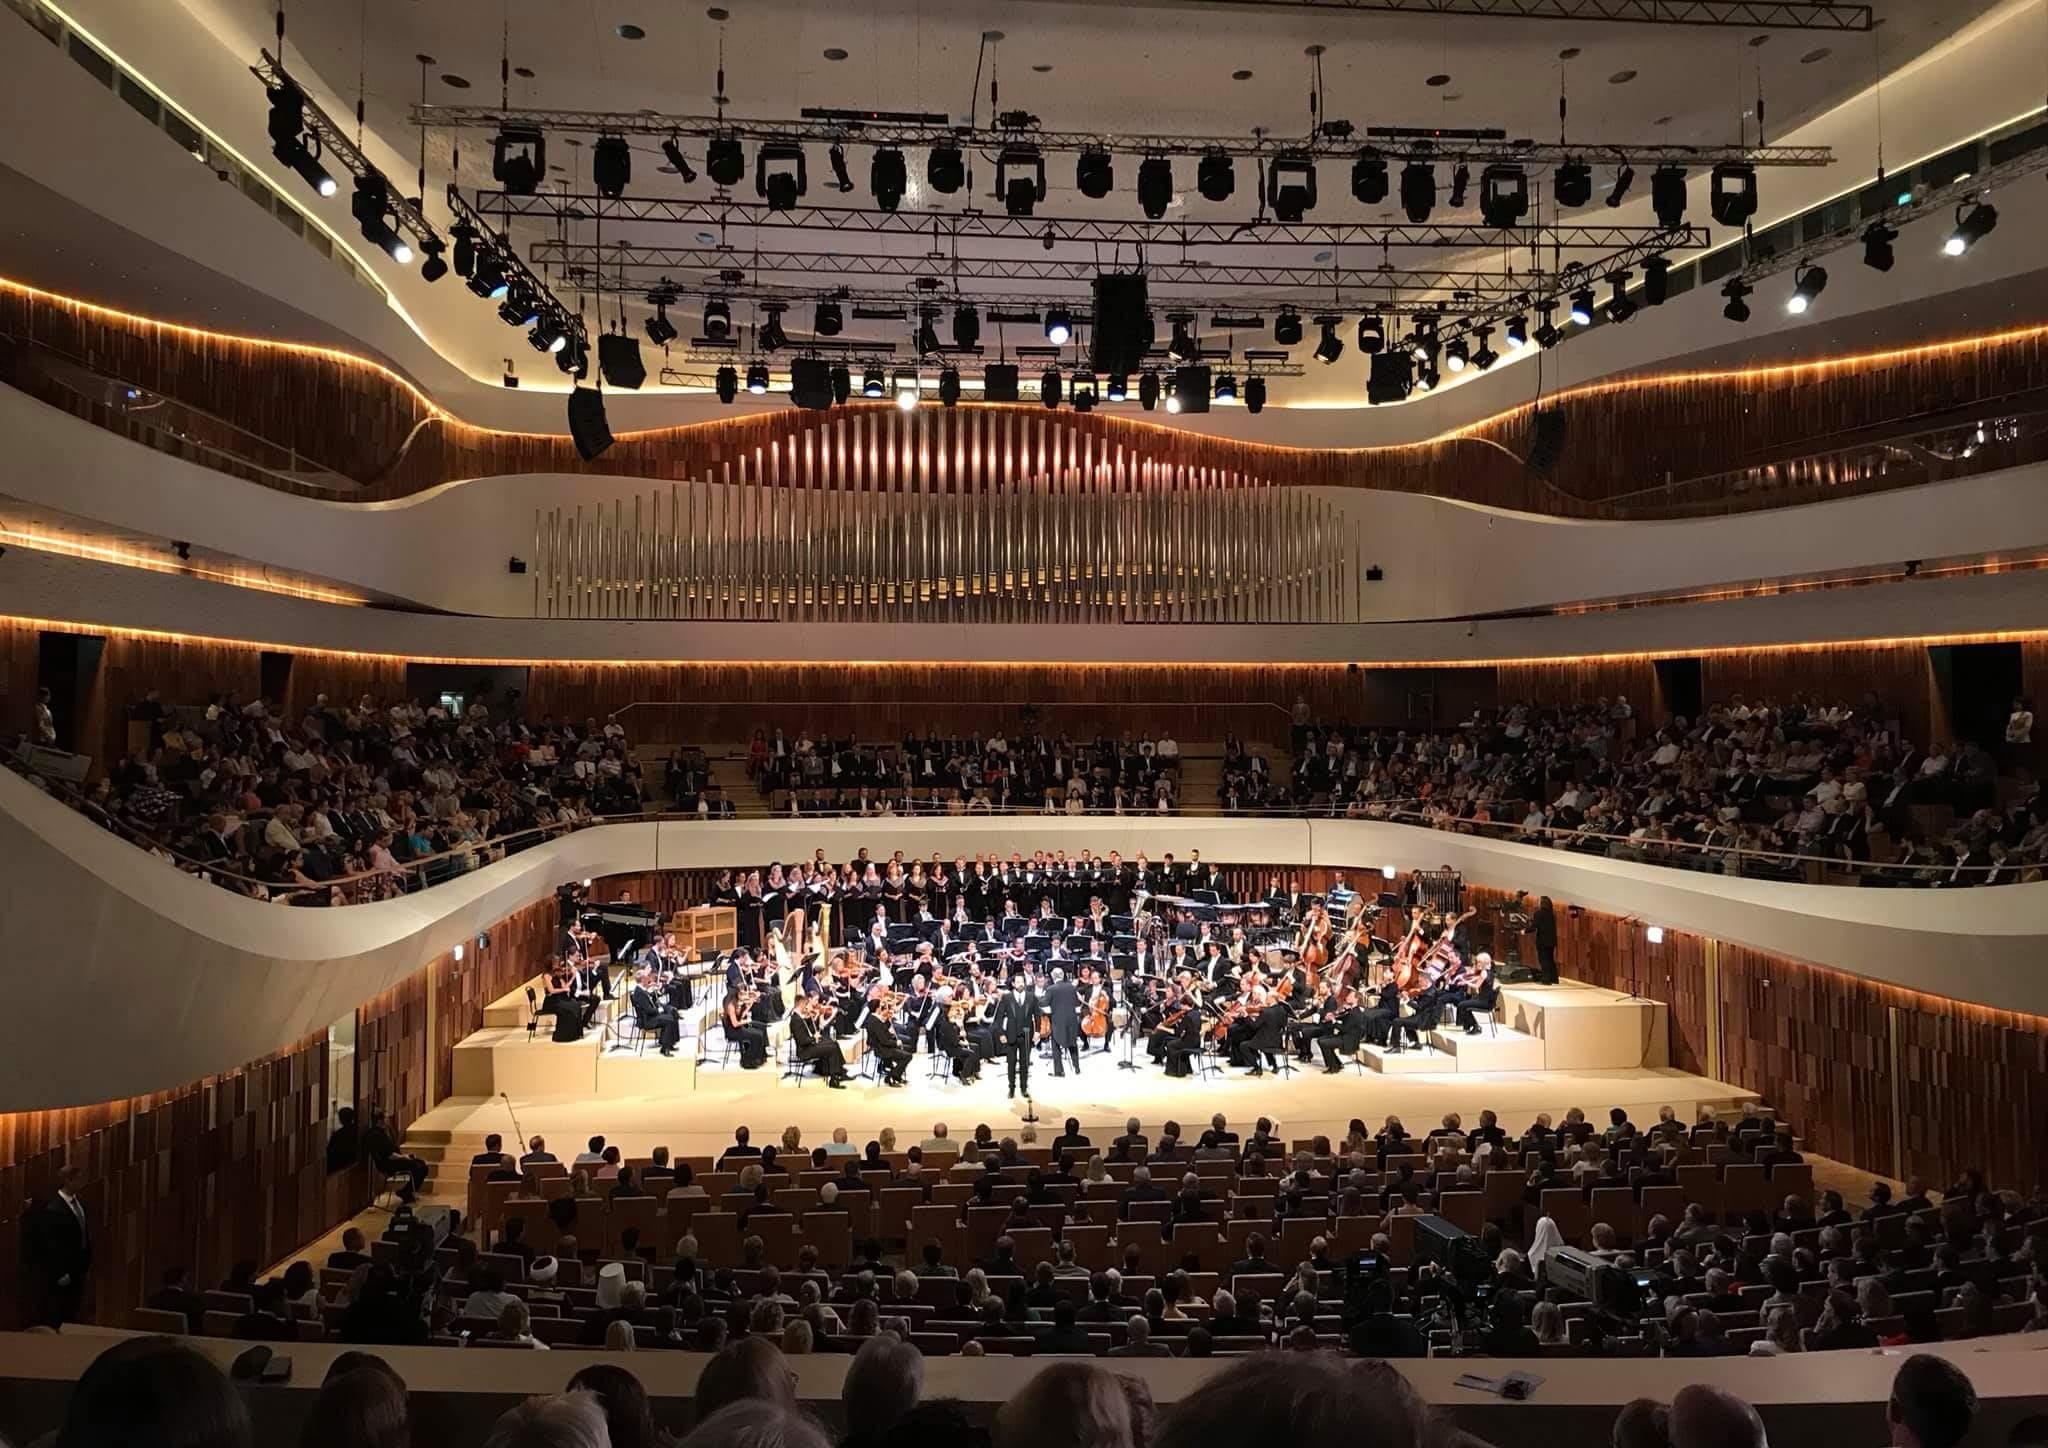 концертные залы россии фото с названиями